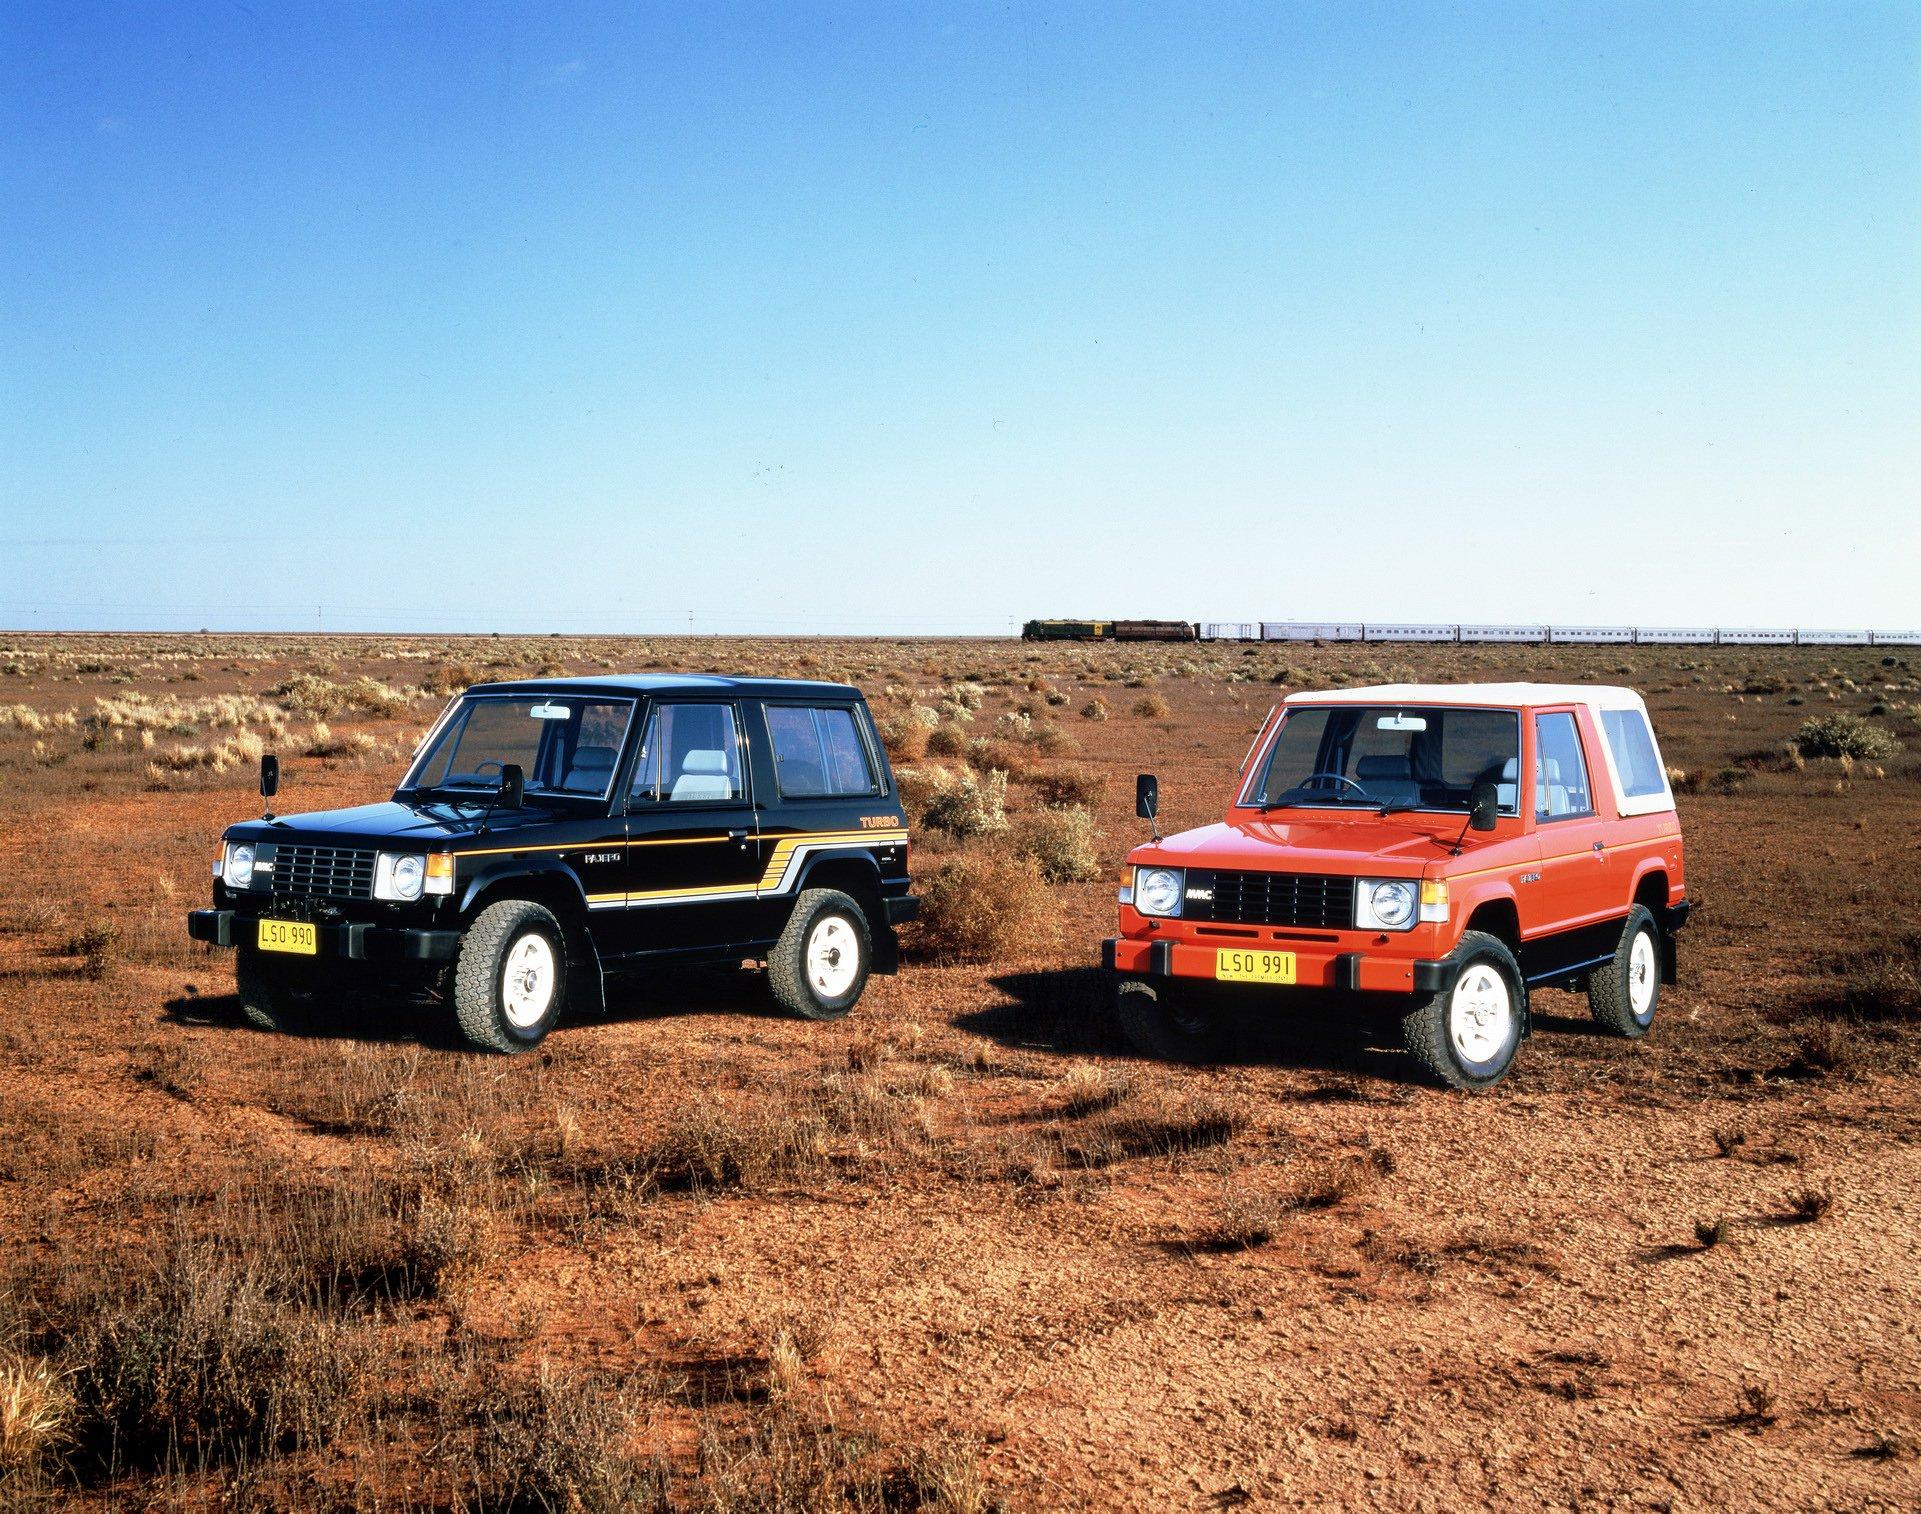 Mitsubishi giới thiệu Pajero Final Edition phiên bản cuối cùng, giới hạn 700 chiếc 4